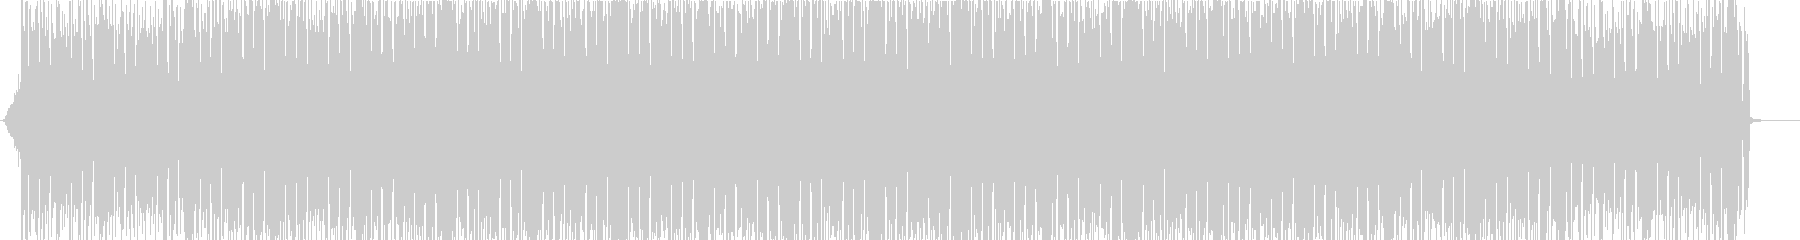 グランジ感溢れるロックビートの未再生の波形